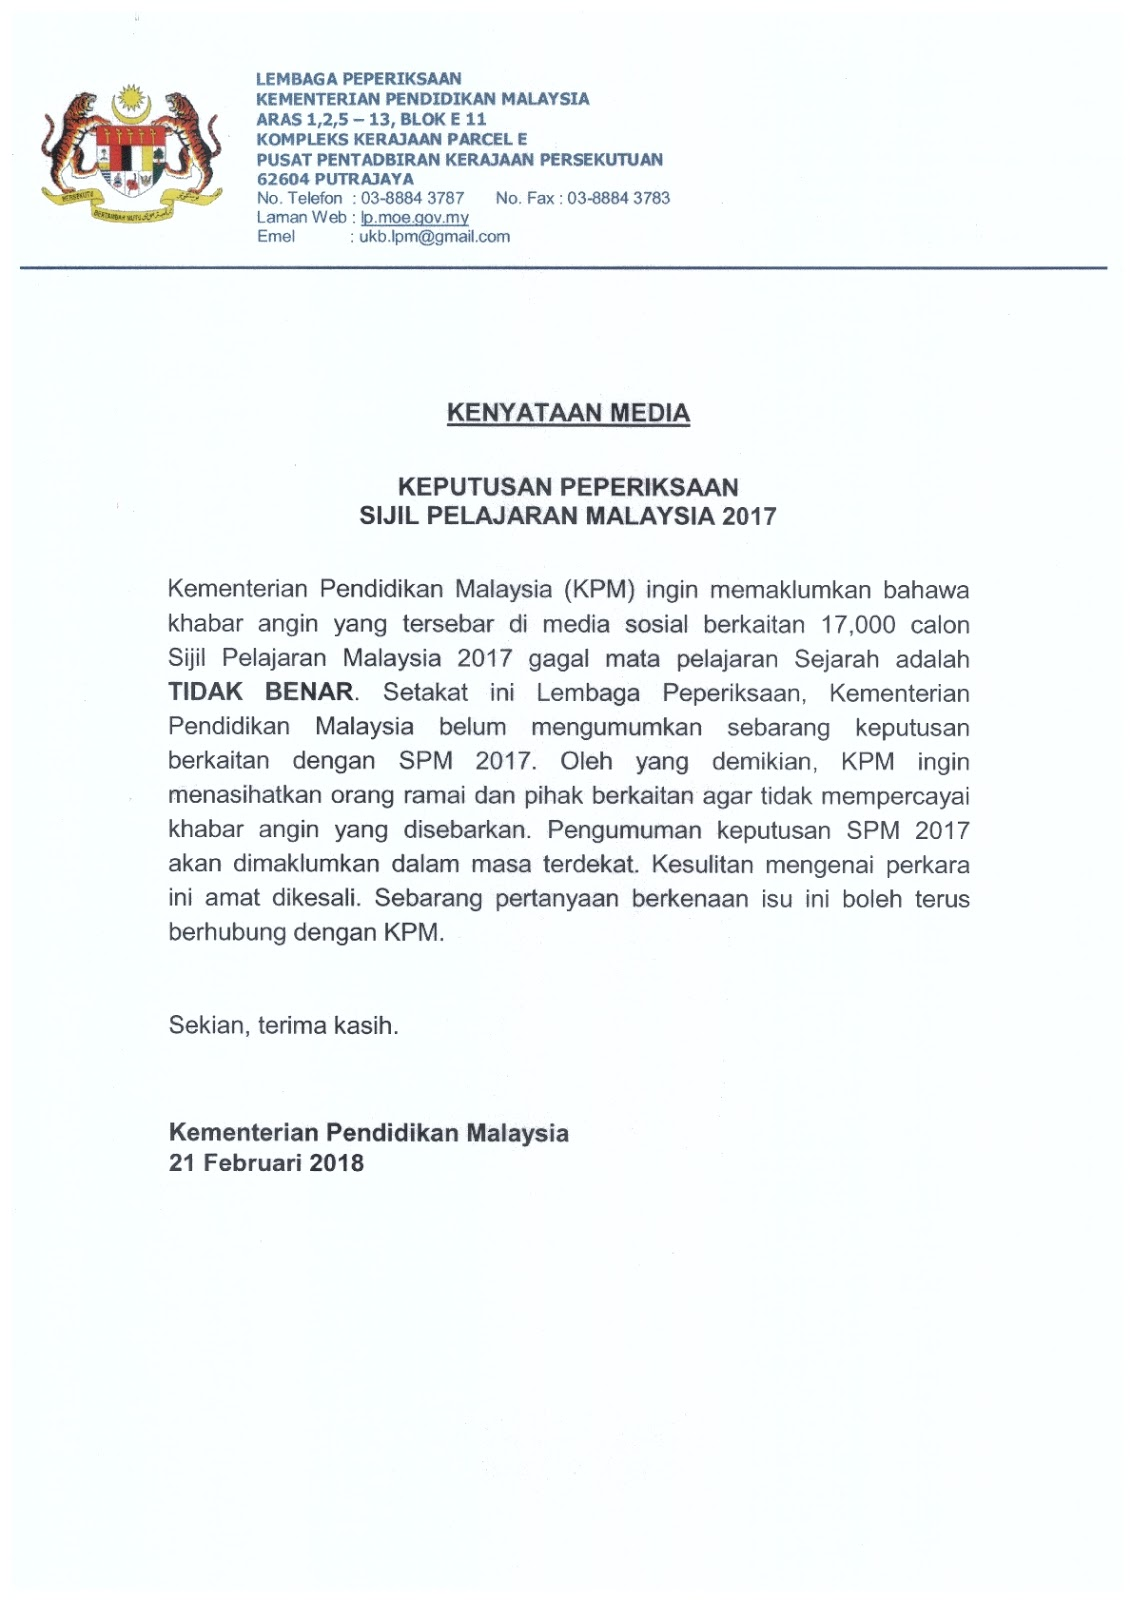 Kenyataan akhbar pihak KPM mengenai keputusan SPM